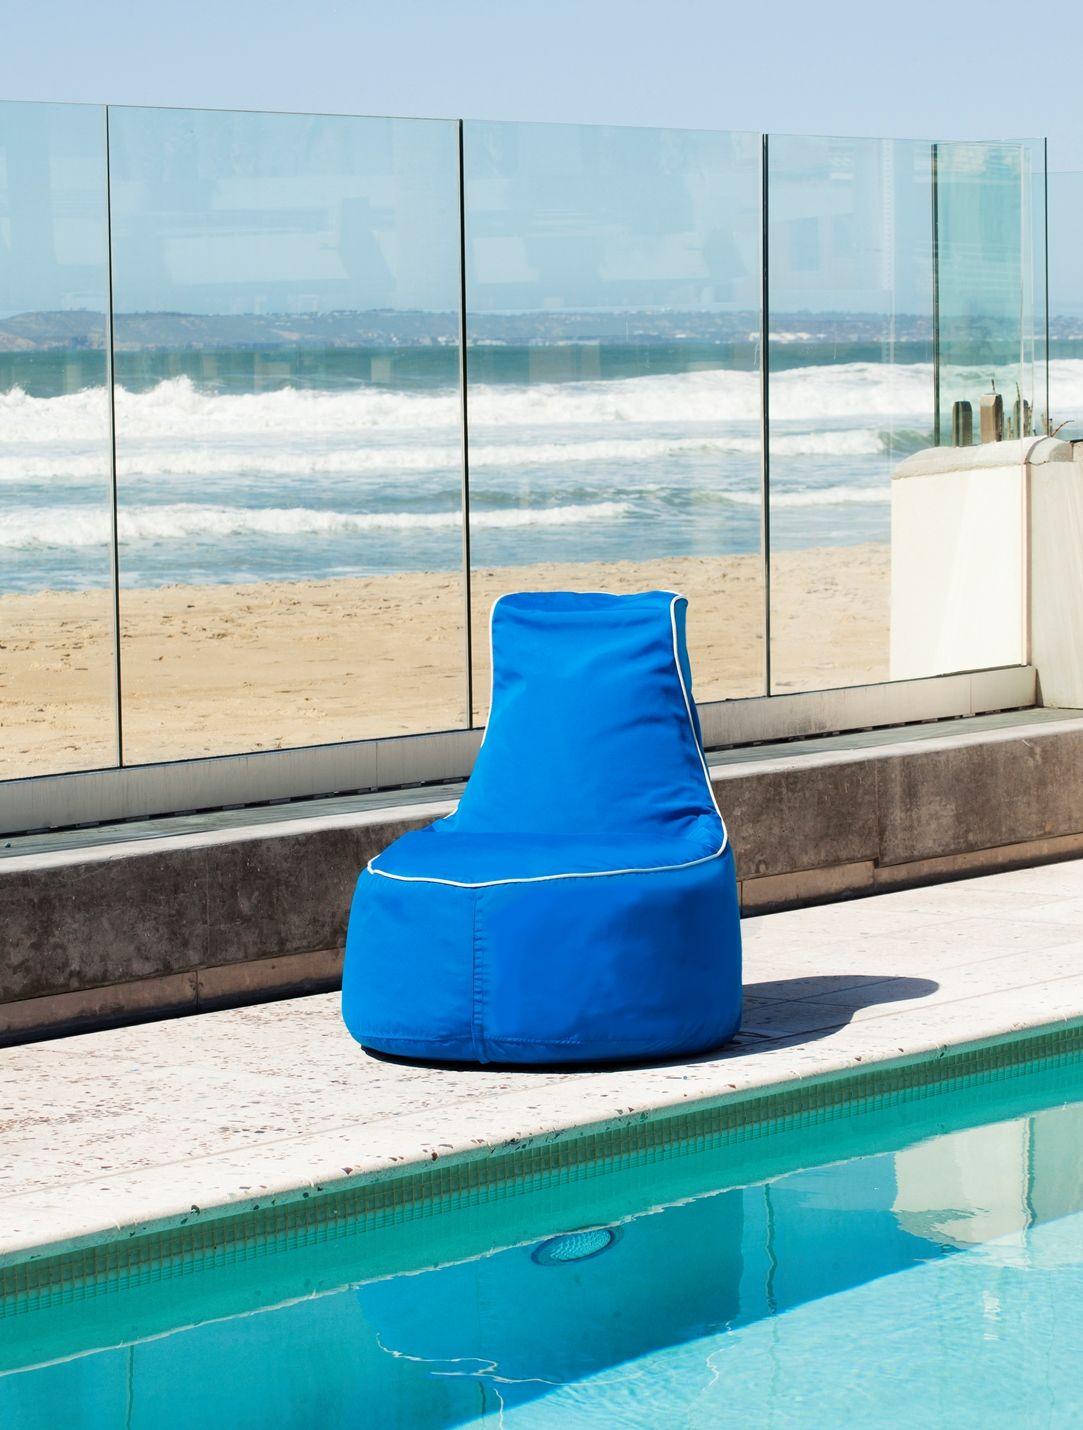 Standard Outdoor Friendly Bean Bag Chair & Lounger